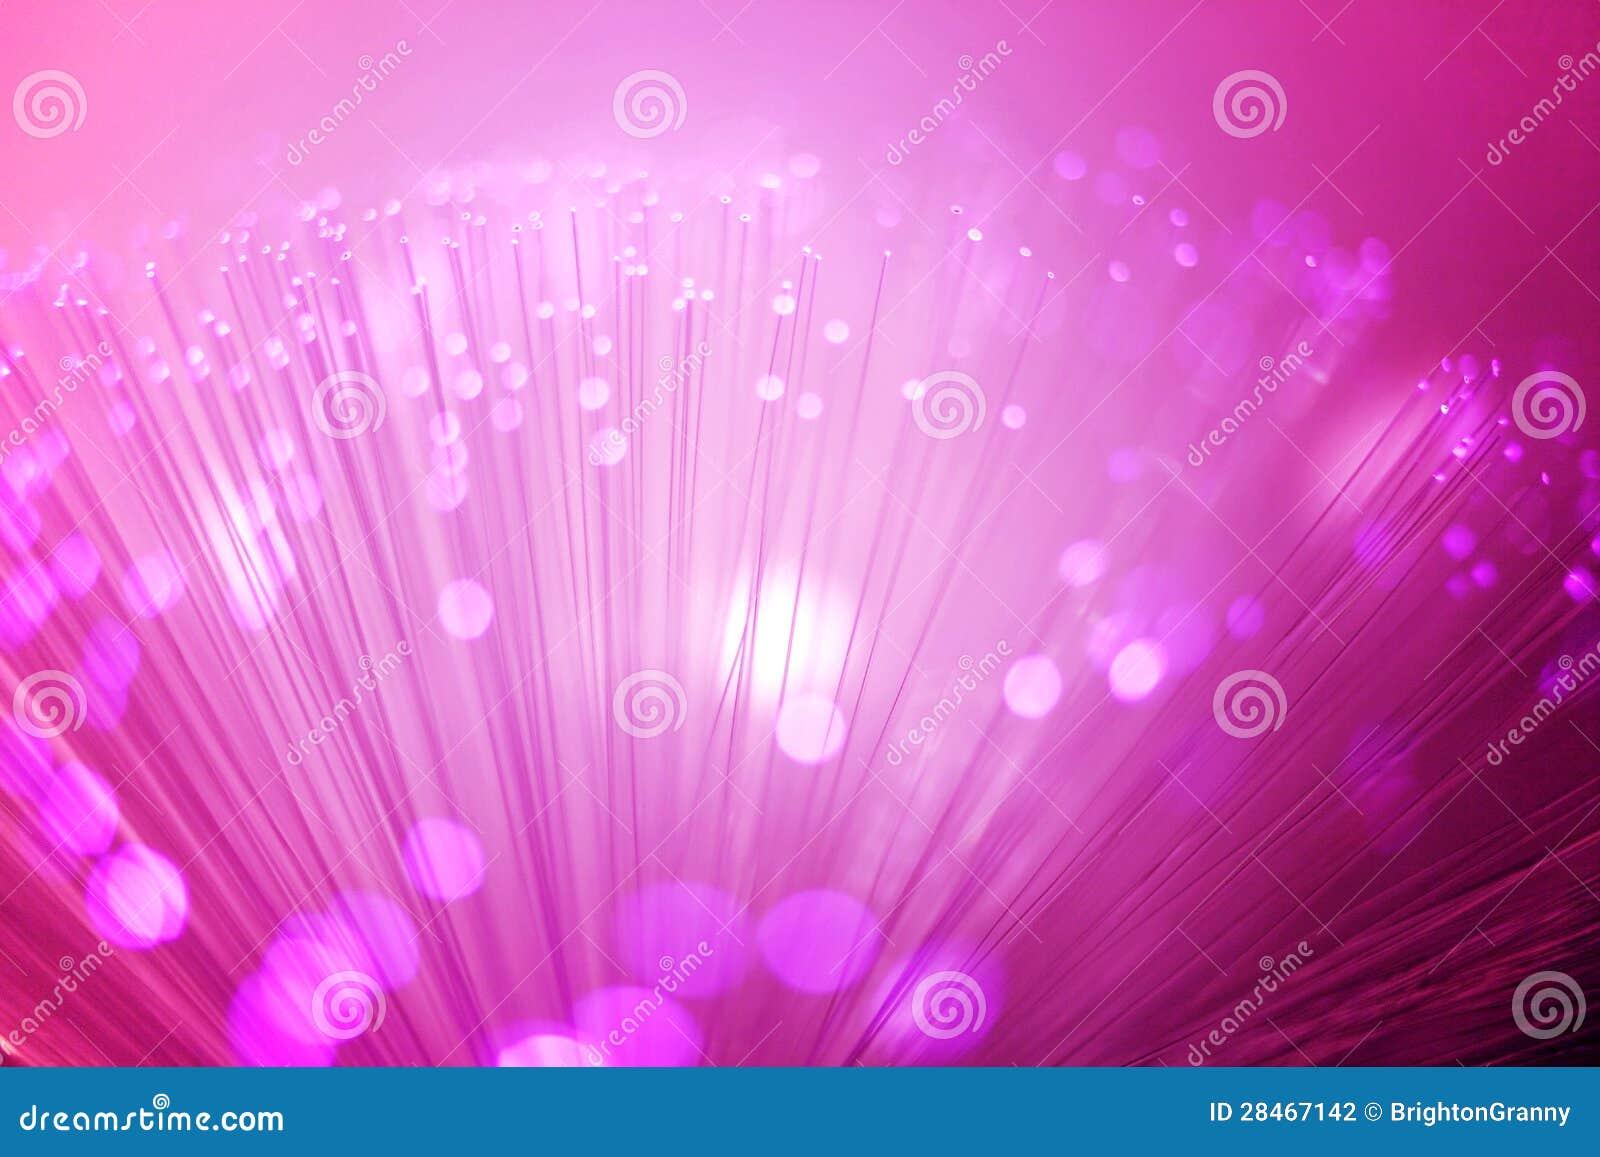 Illuminazione a fibra ottica porpora fotografia stock immagine